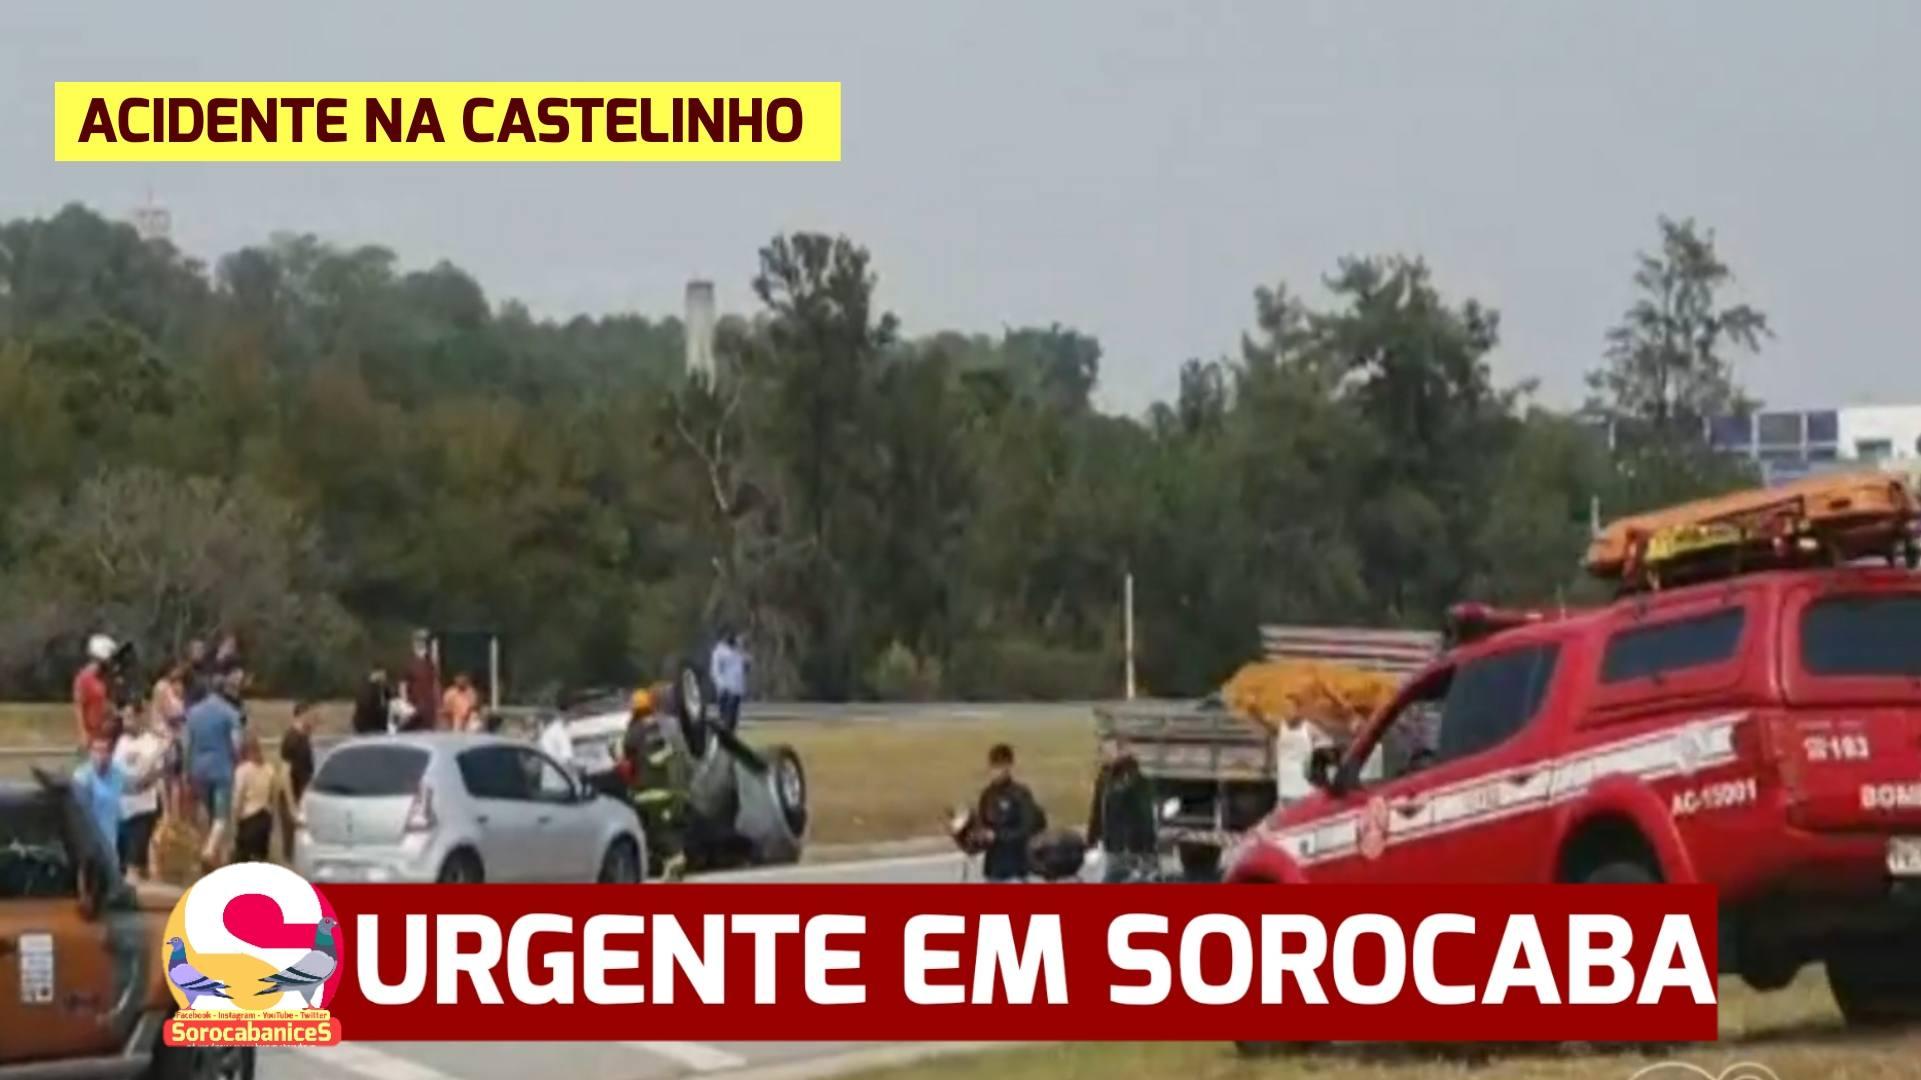 Homem morre após acidente em Sorocaba; uma mulher e 2 bebês ficaram feridos